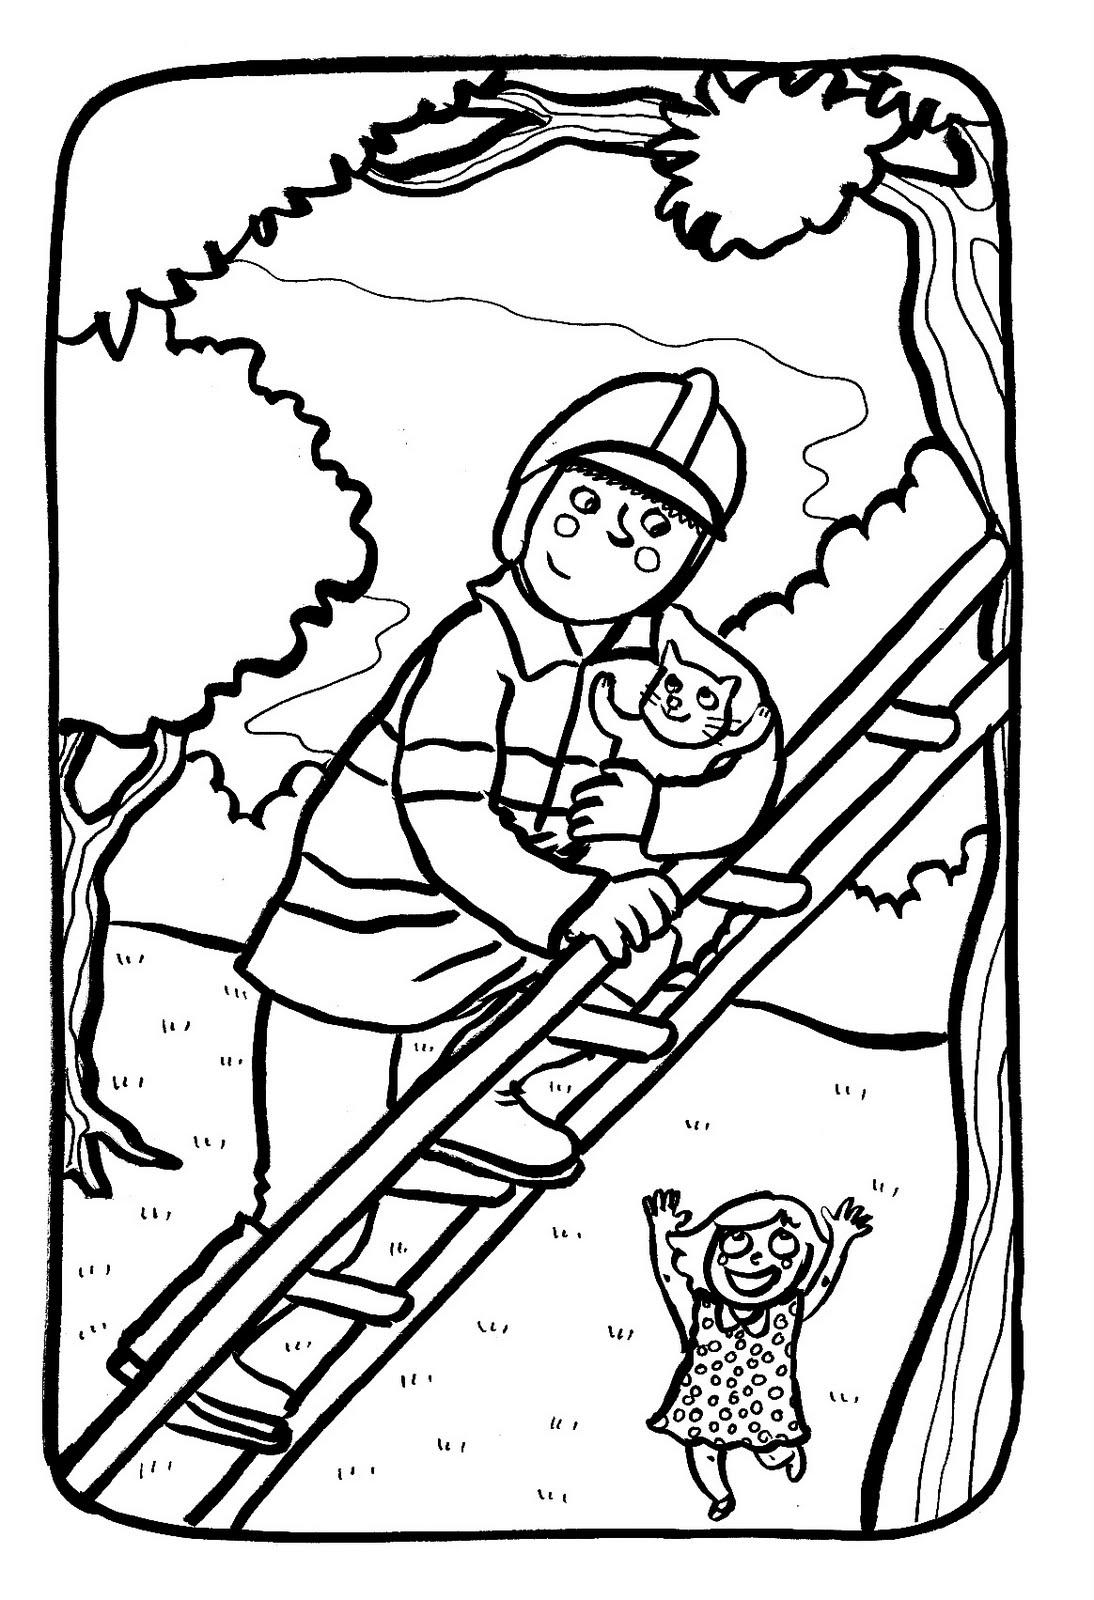 Pompier coloriage de pompiers coloriages pour enfants - Dessin d un camion de pompier ...